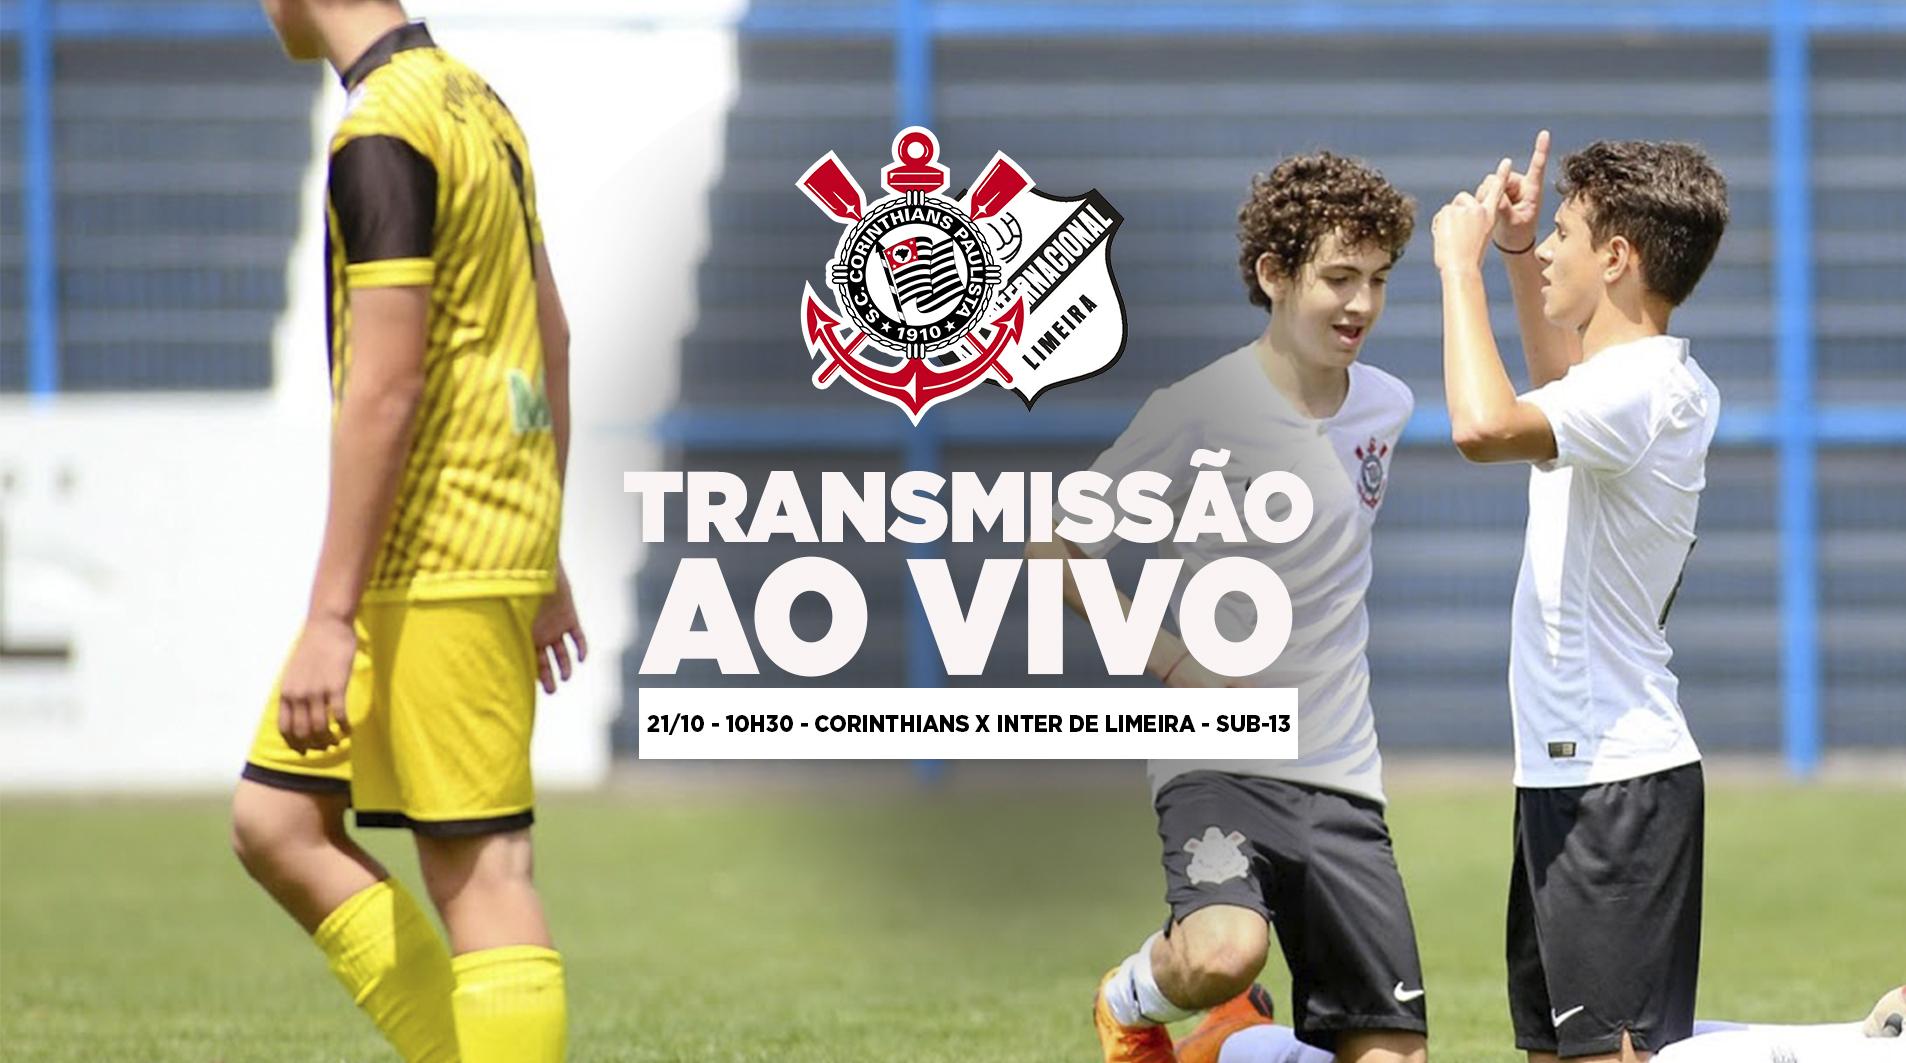 Corinthians x Internacional de Limeira - Paulistão Sub-13